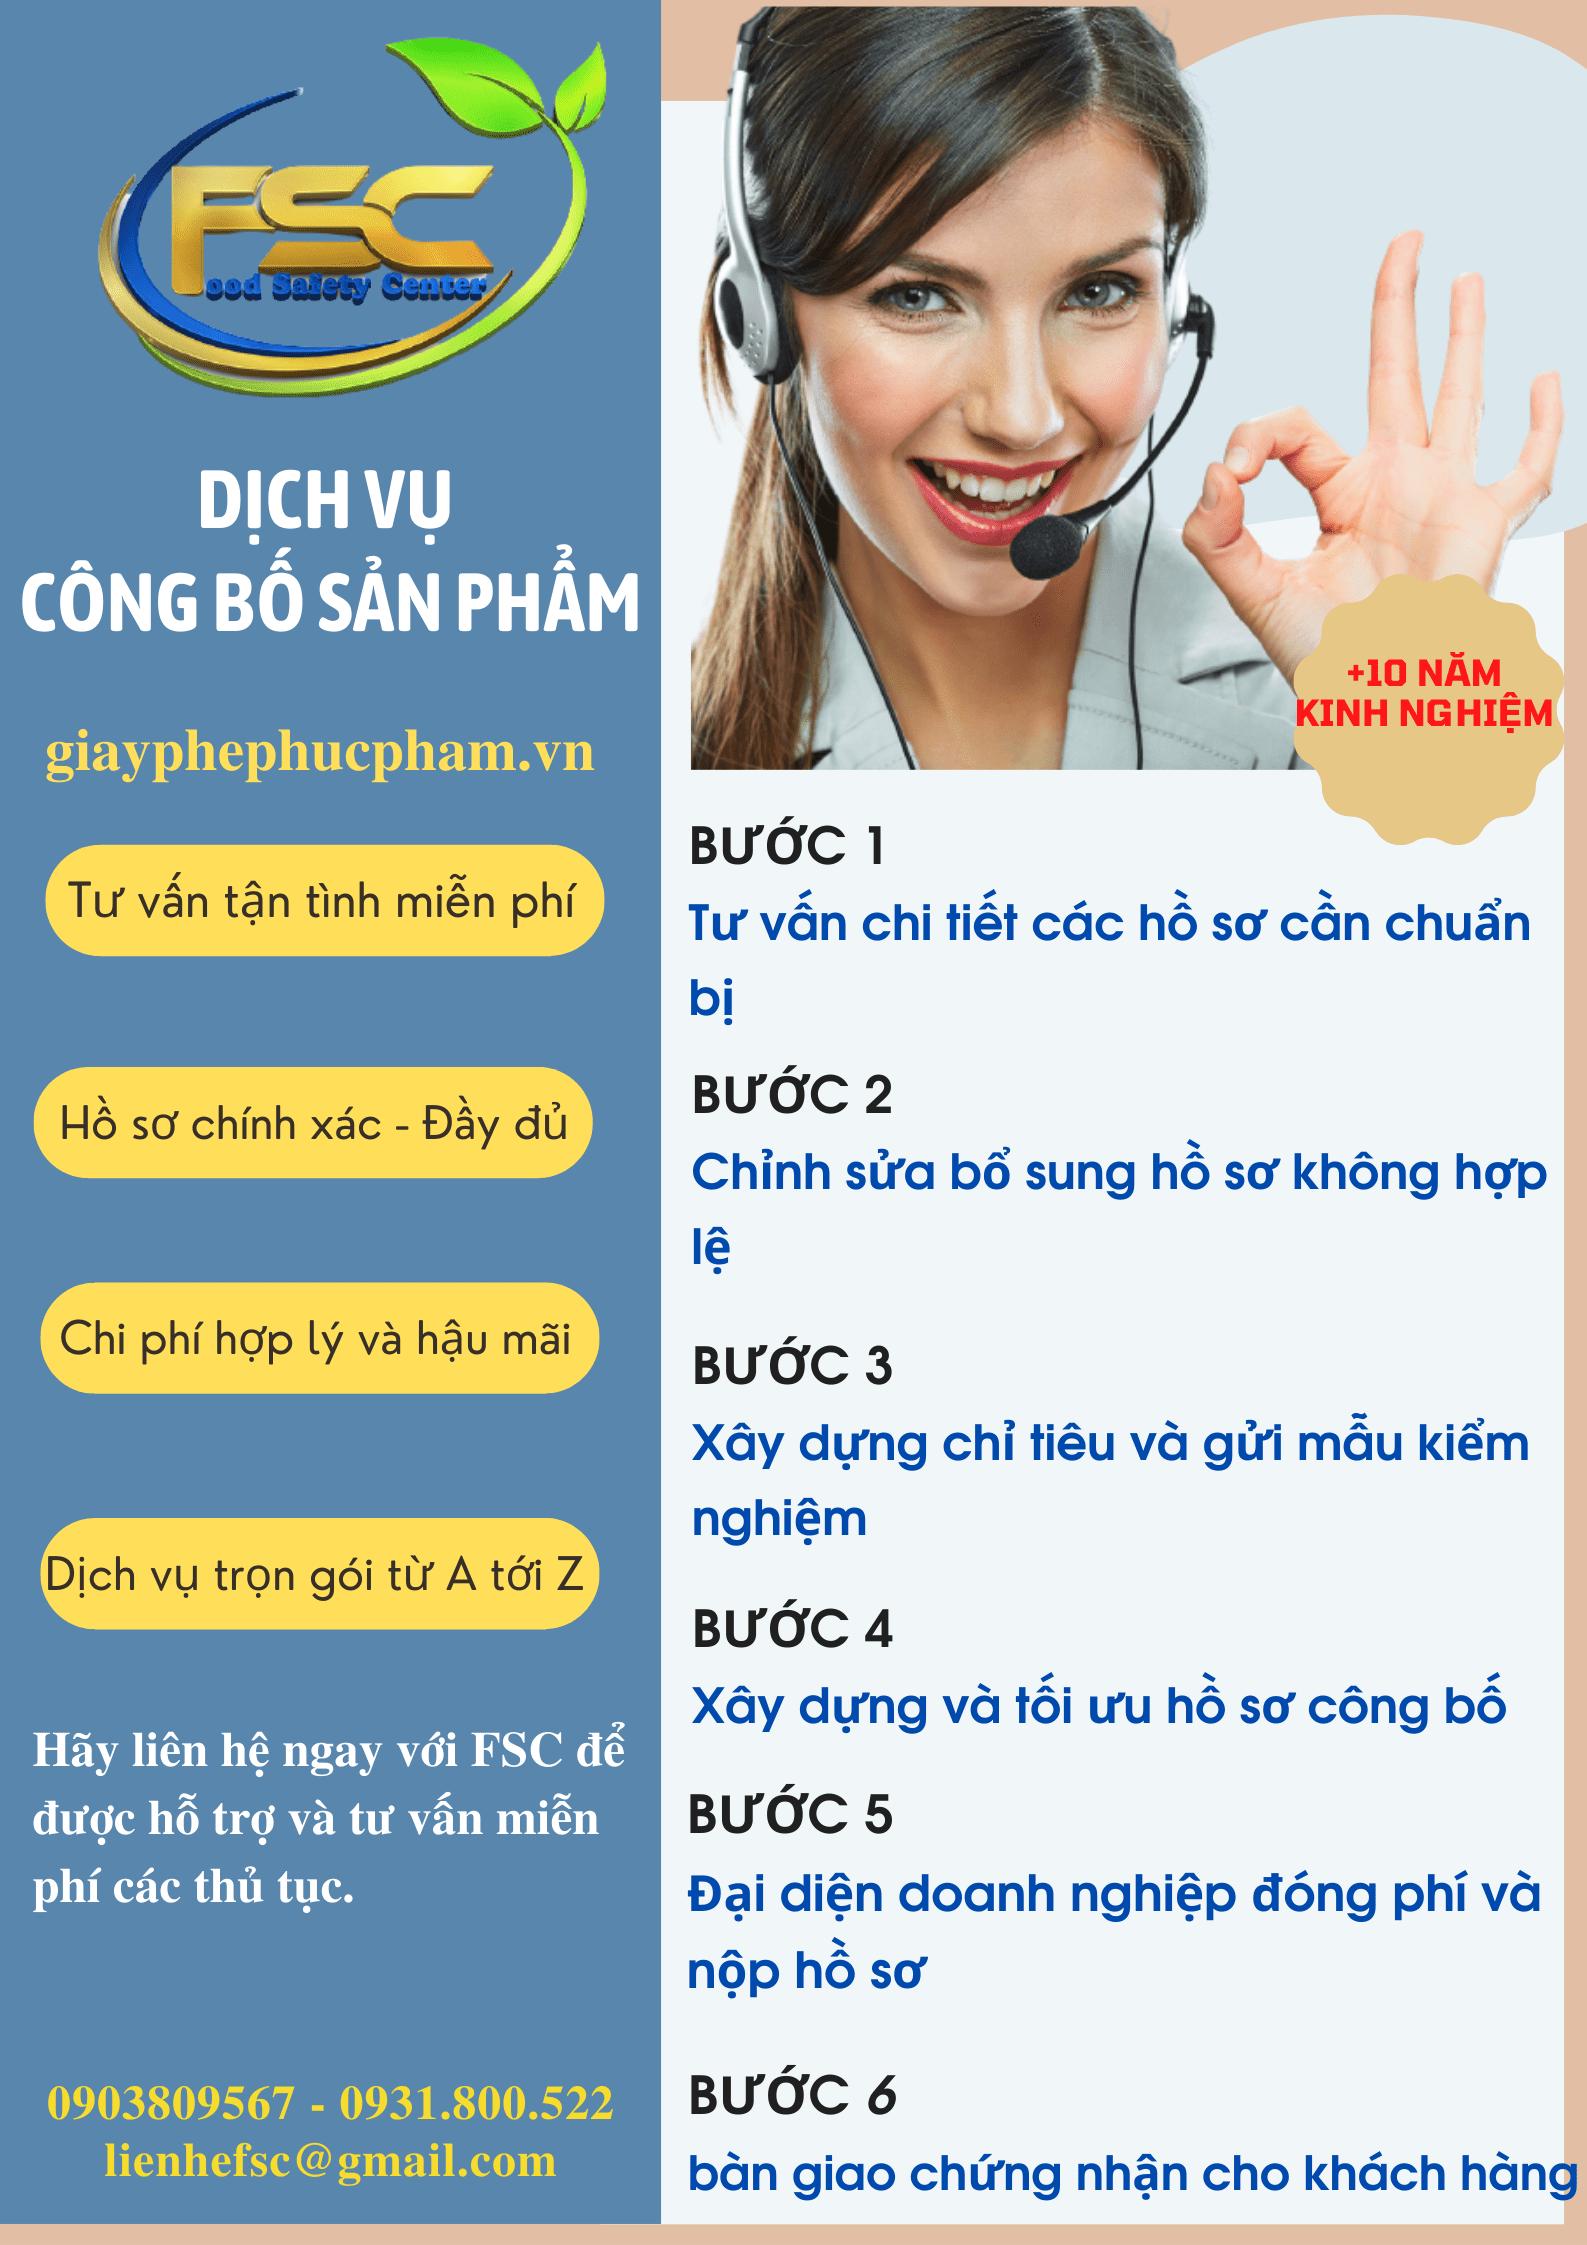 ban-cong-bo-chat-luong-saan-pham-sua-tuoi